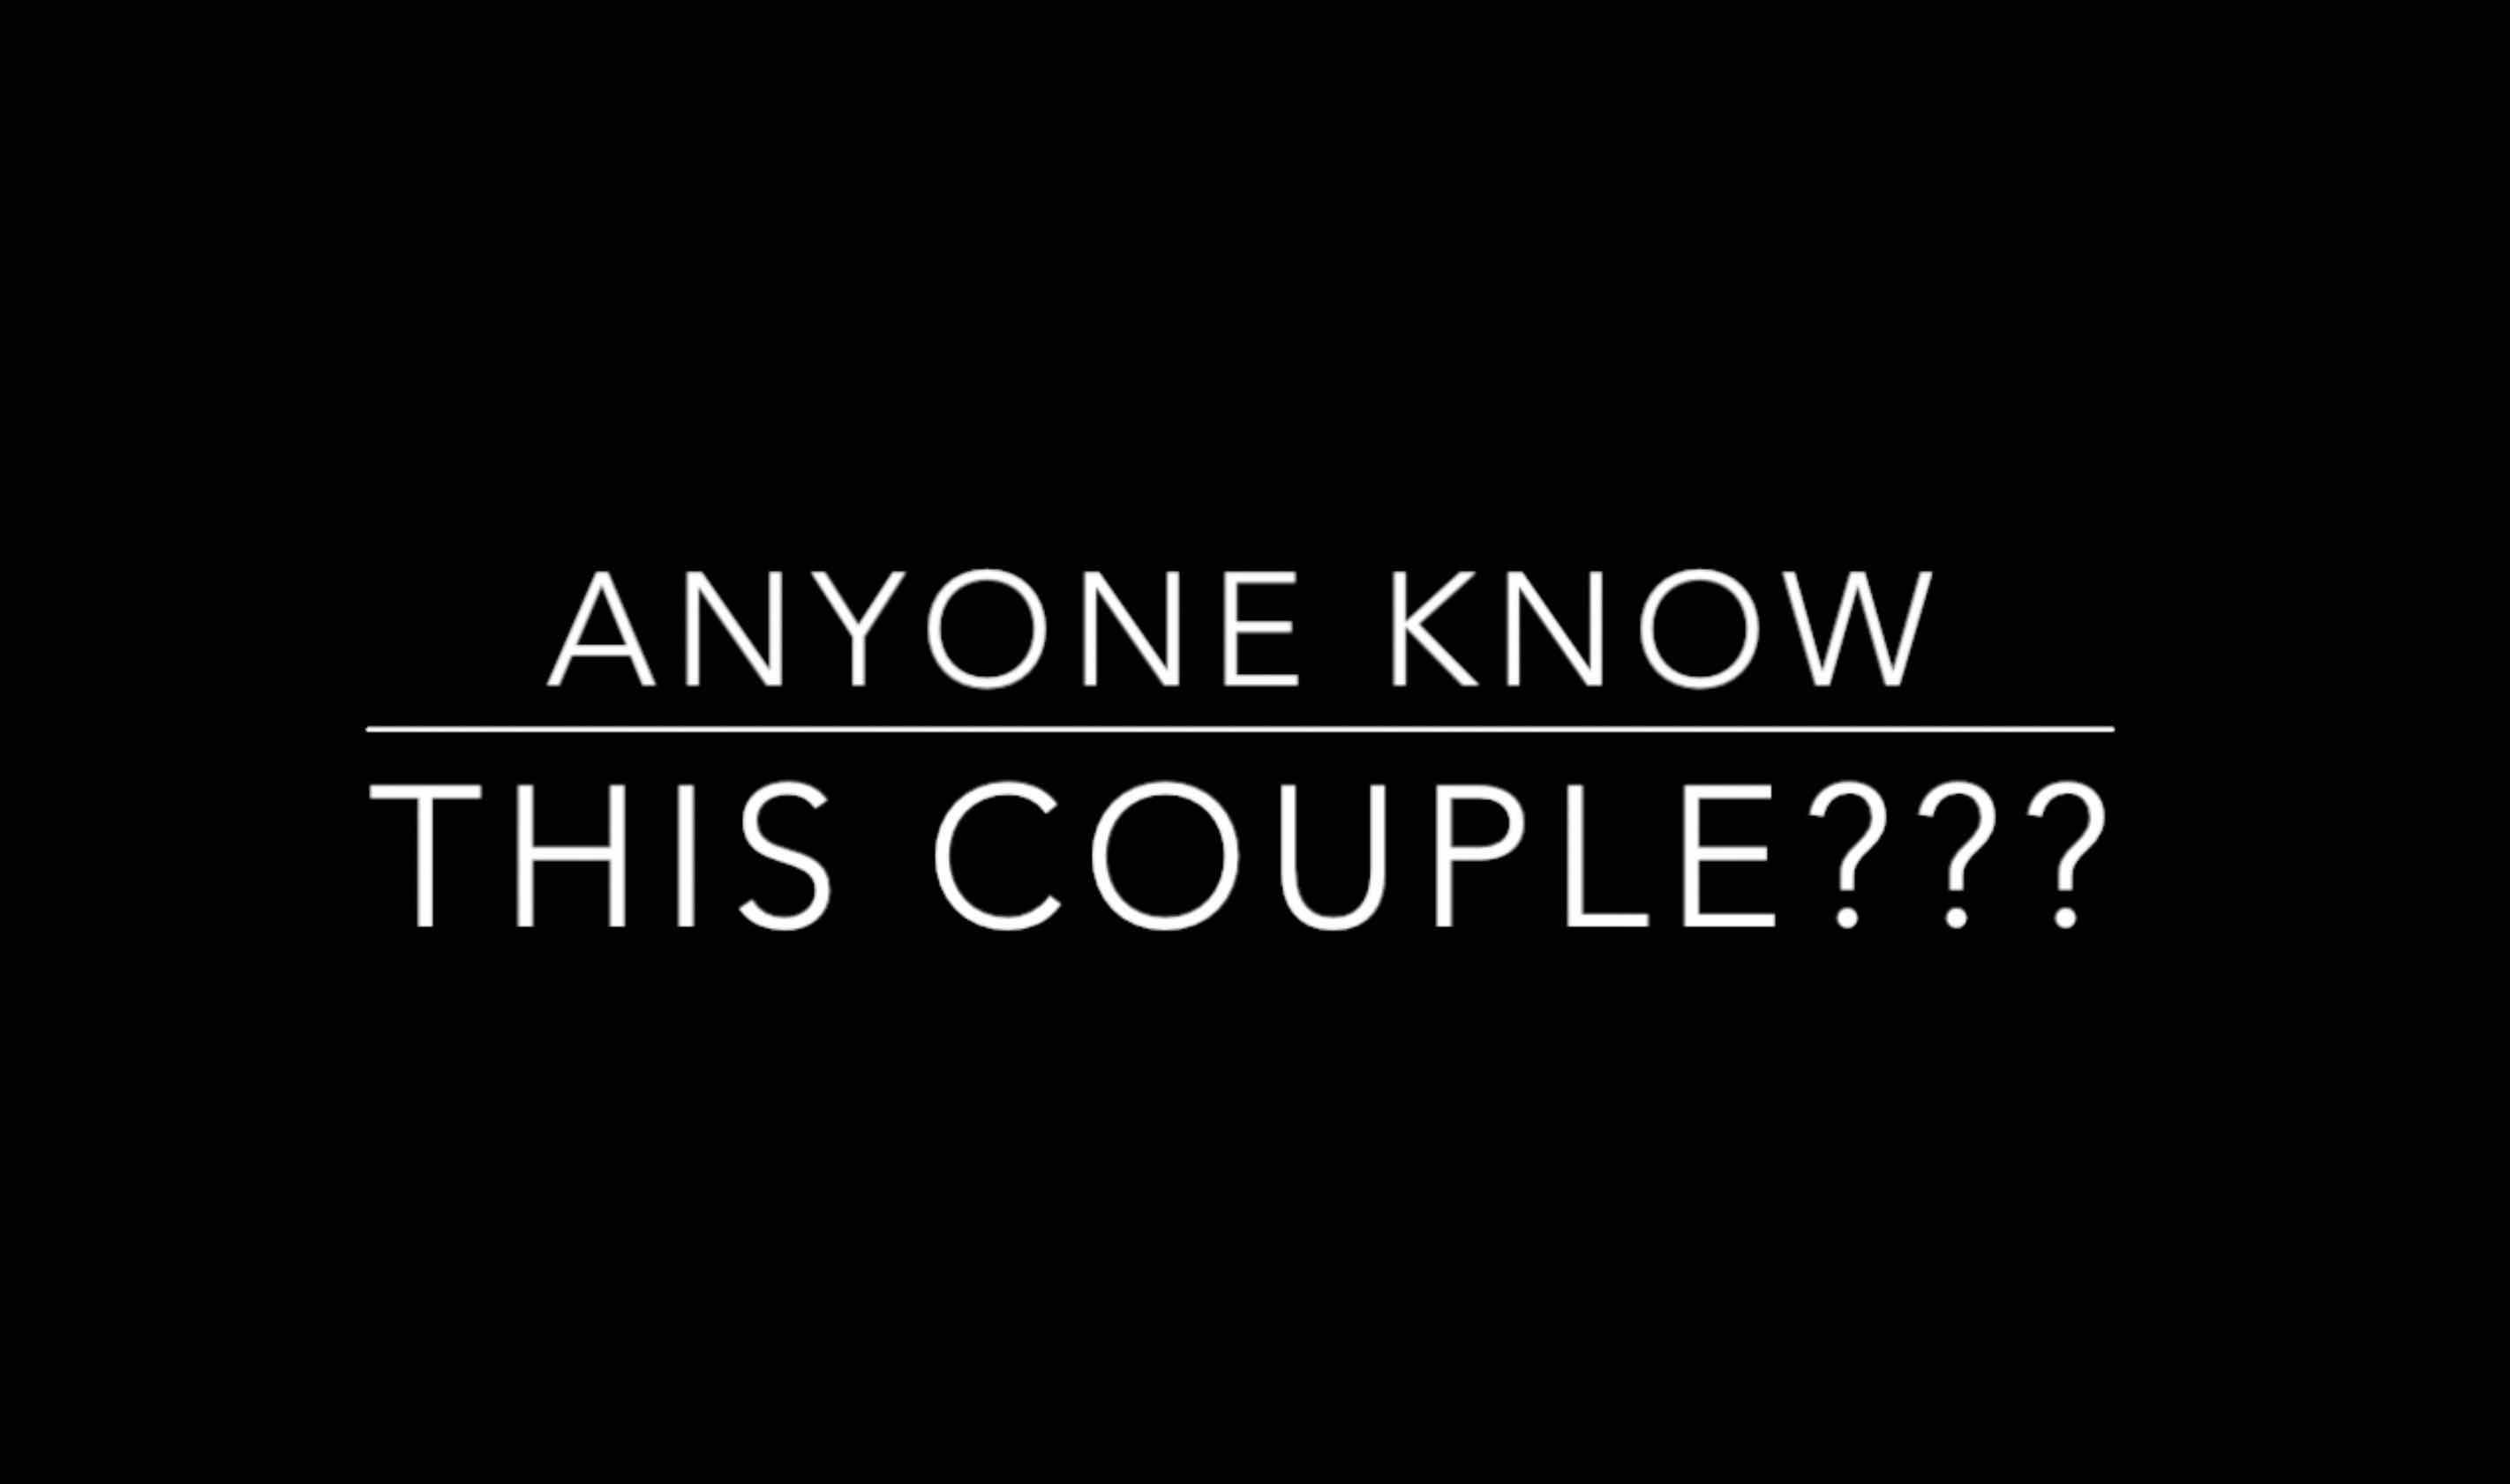 Do you know the Albuquerque couple?